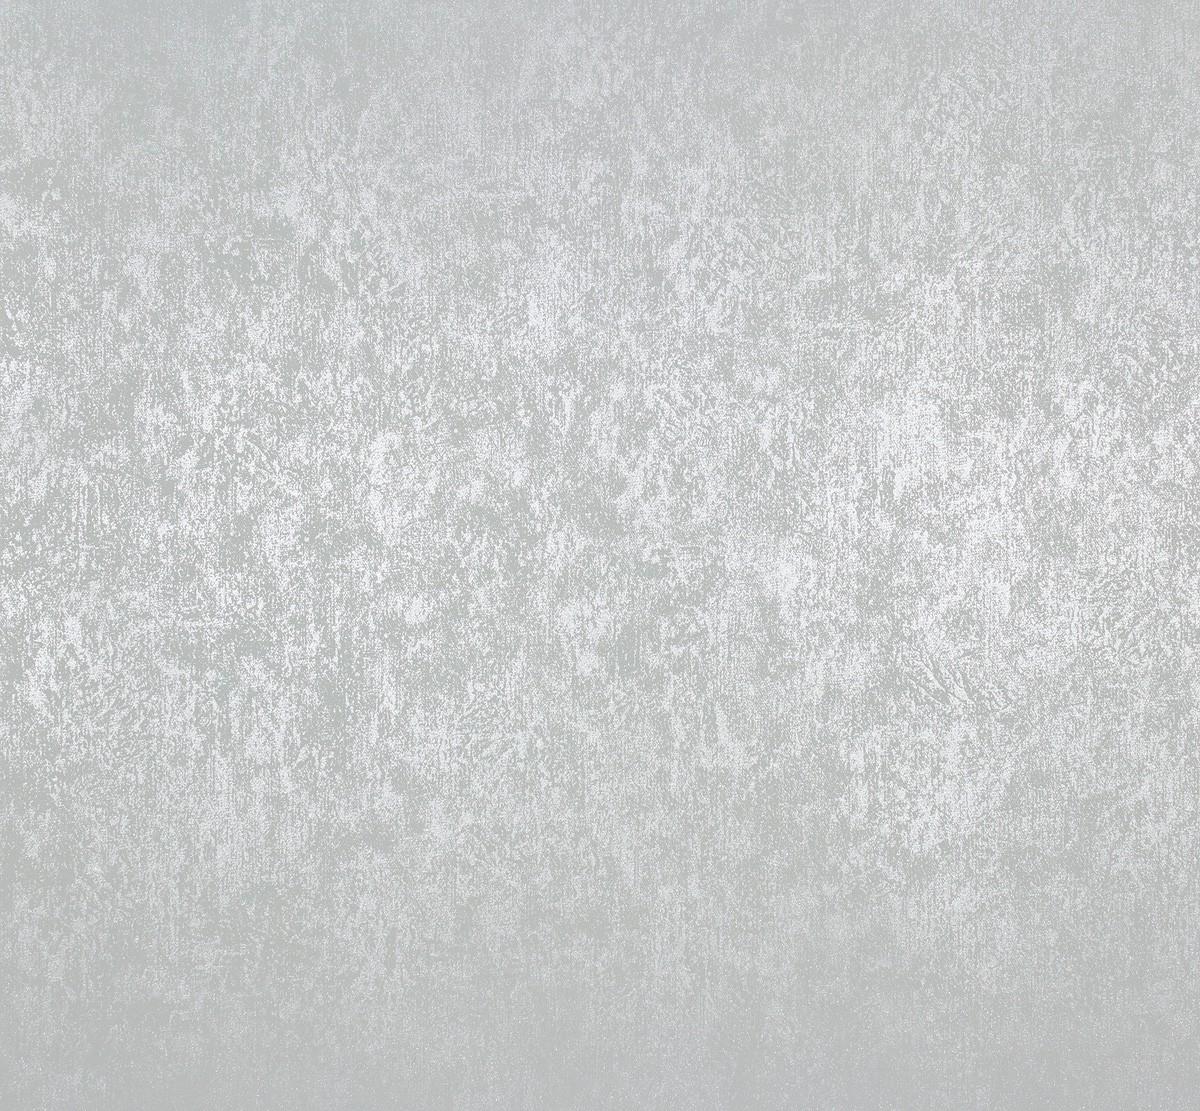 Vliestapete Uni Hellblau Metallic Tapete Marburg Estelle 55707